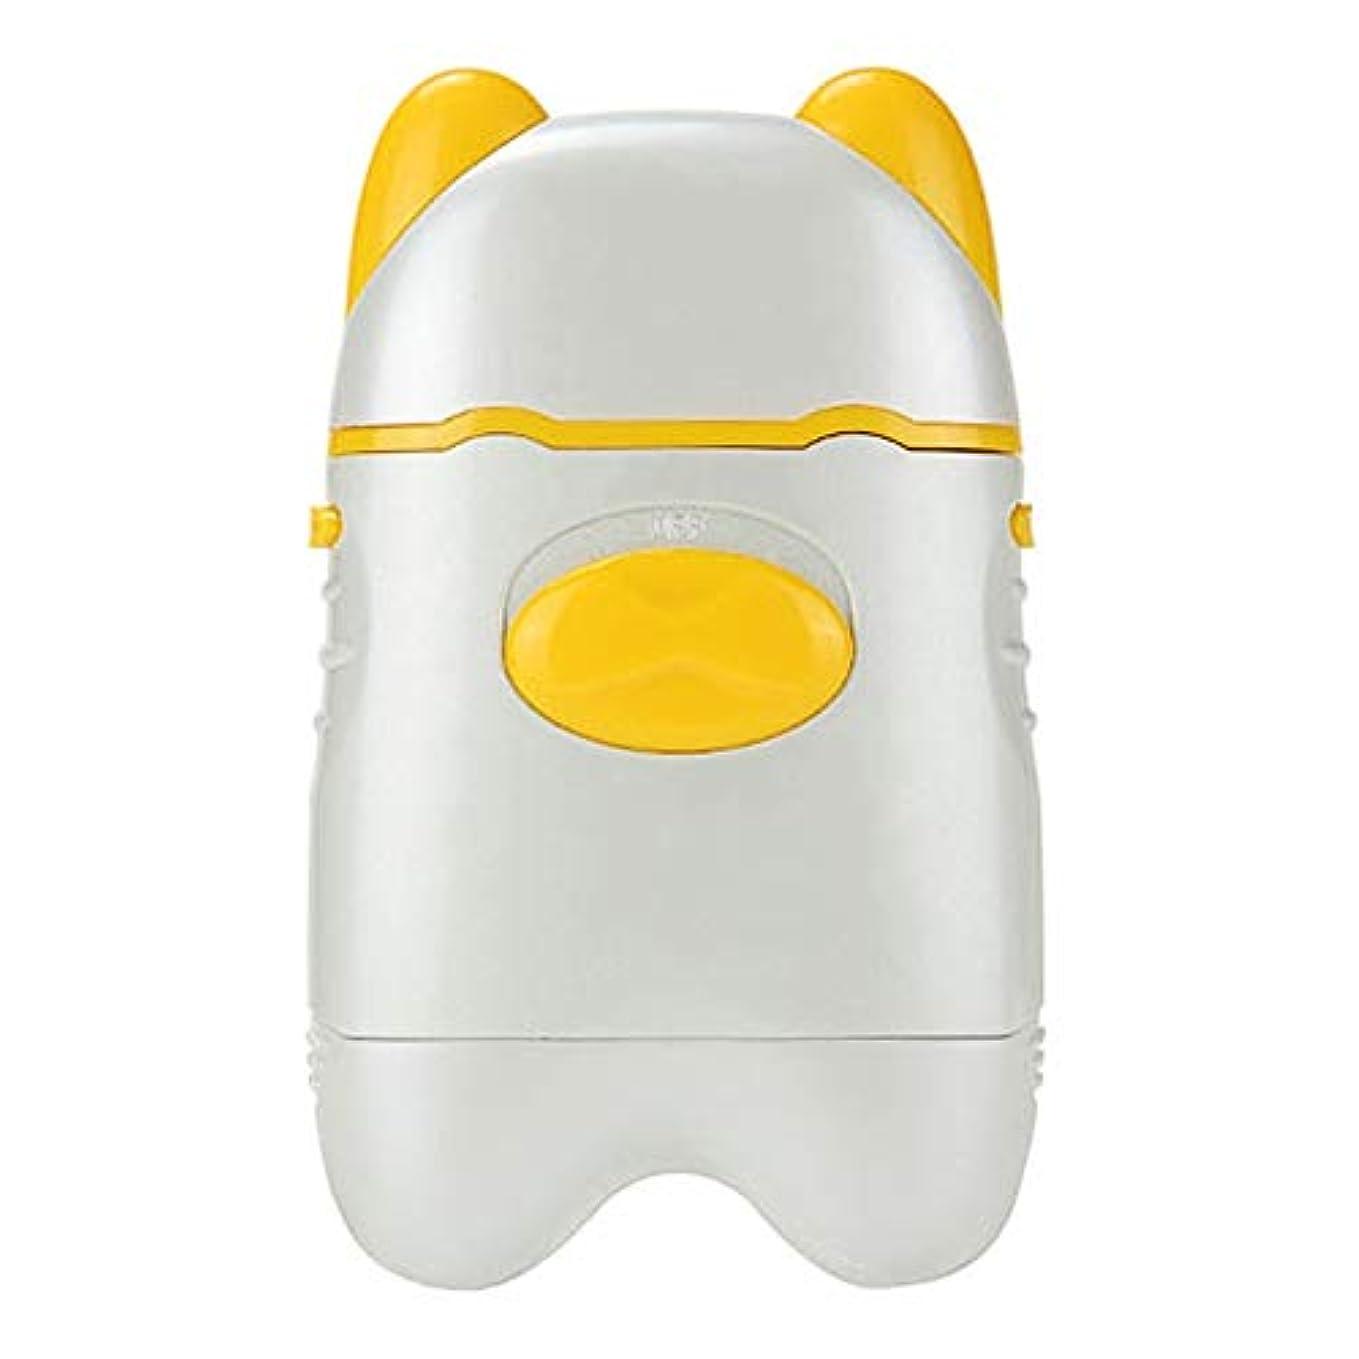 赤外線コットンマーク電気子供のネイルはさみクリッパーズ自動マニキュアナイフドライバッテリー電動ネイルポリッシャーネイル